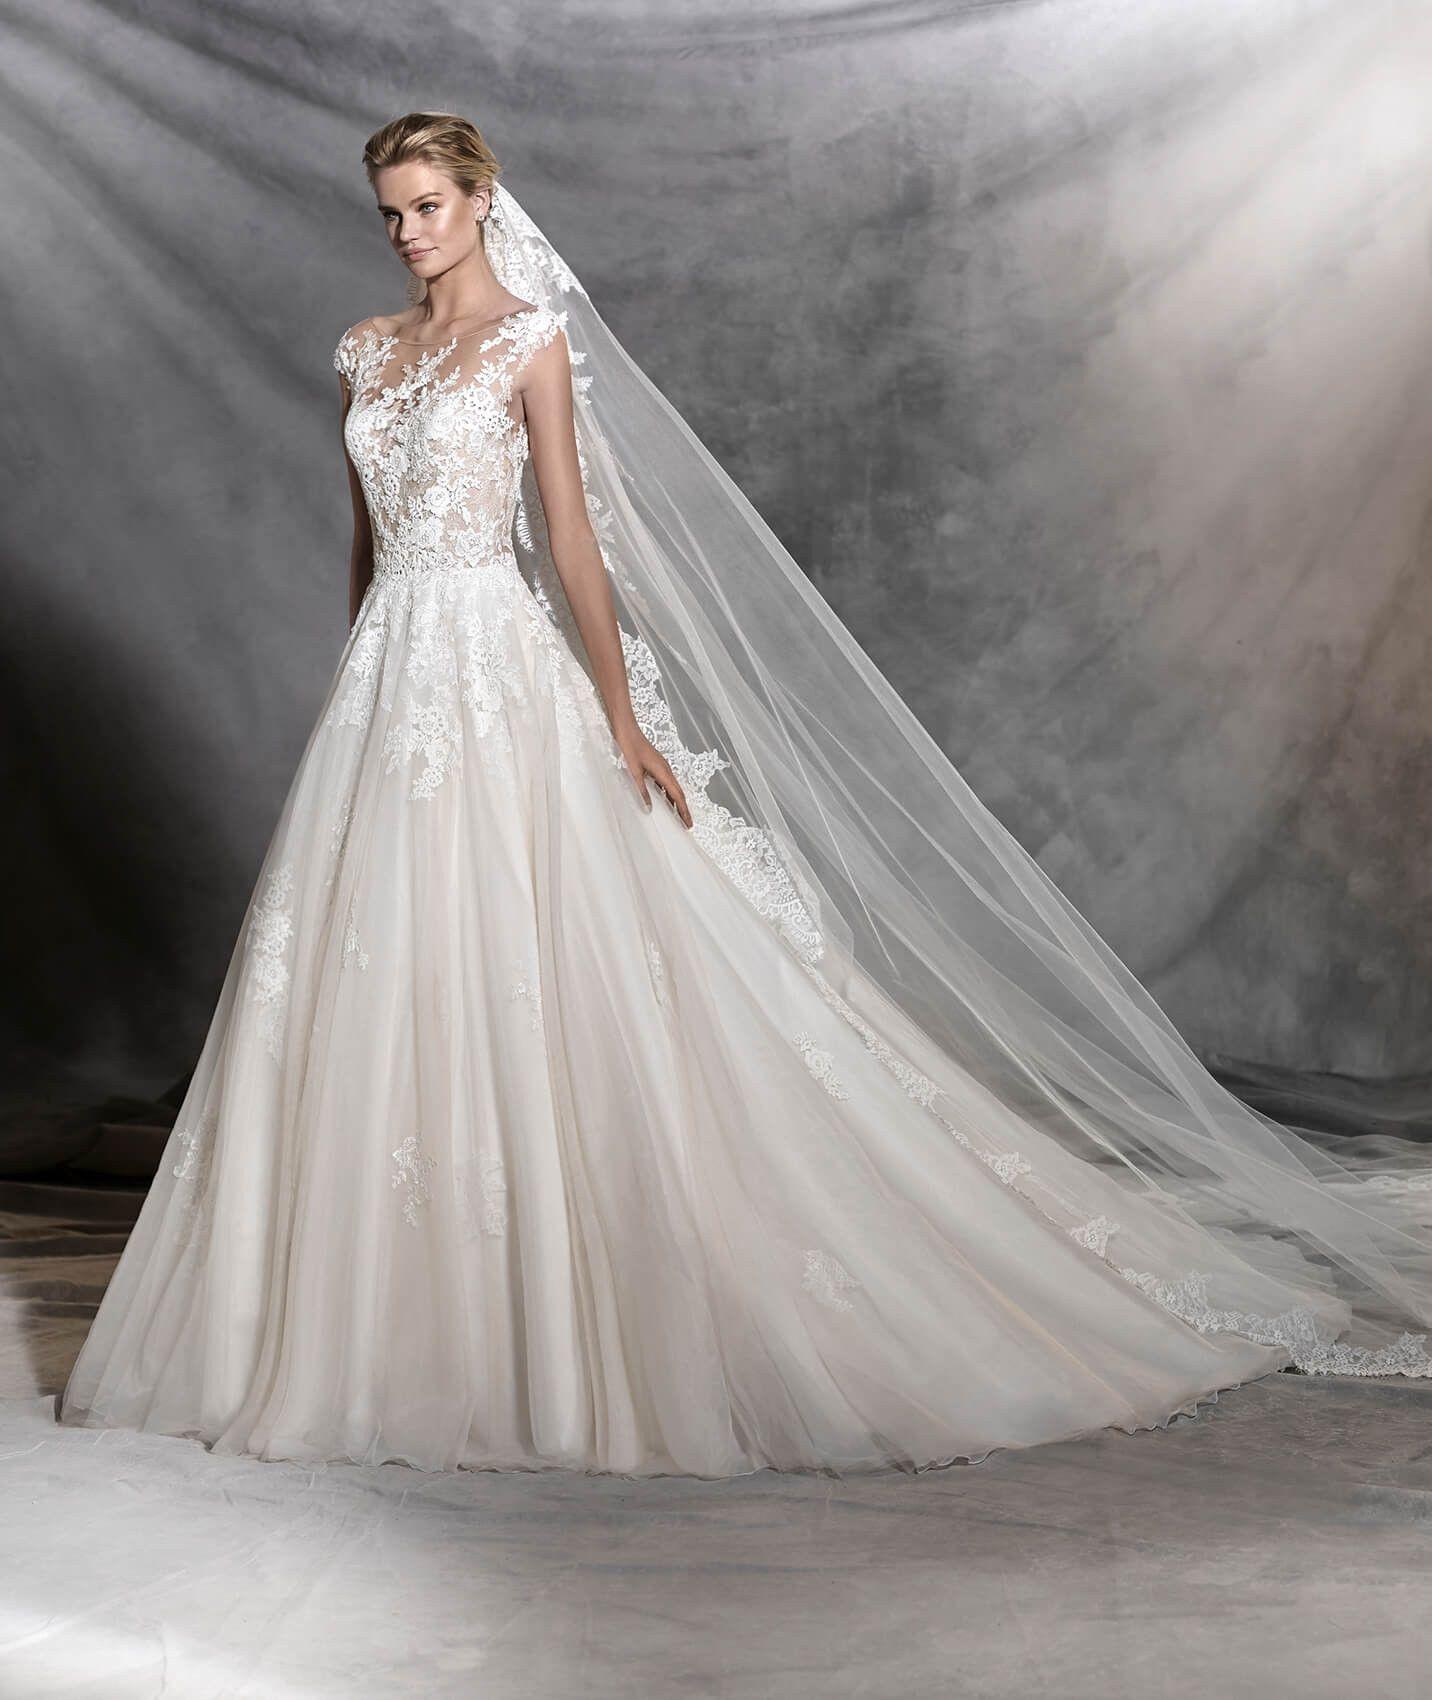 58e4b24c40 V-2877 - Velo de novia con detalles florales de encaje y guipur en el perfil